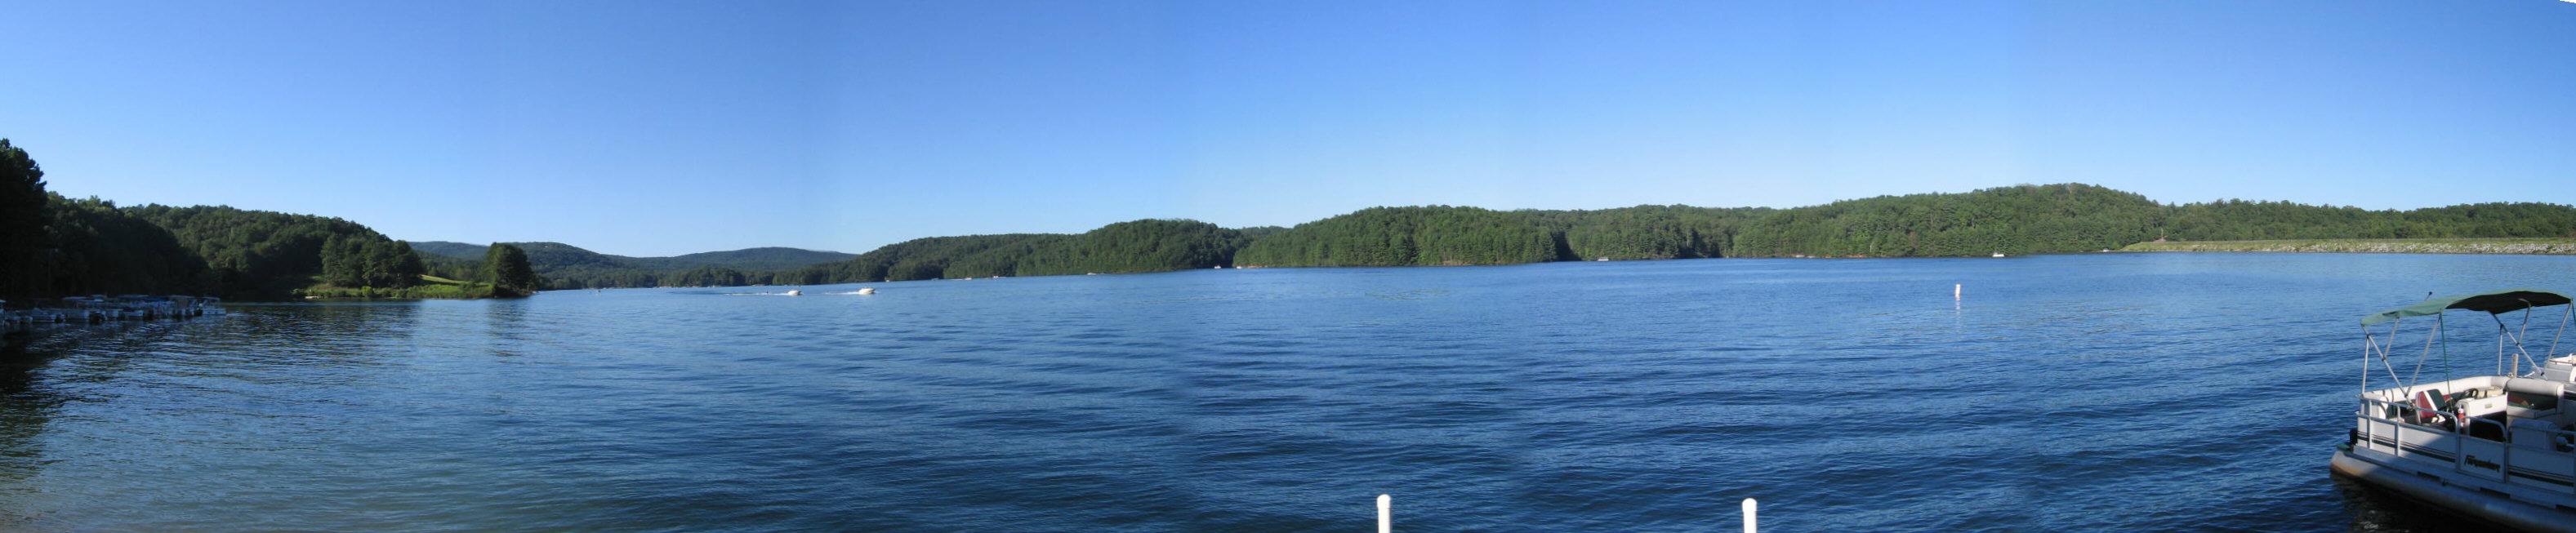 Stunning Lake Arrowhead - A Hidden Gem!